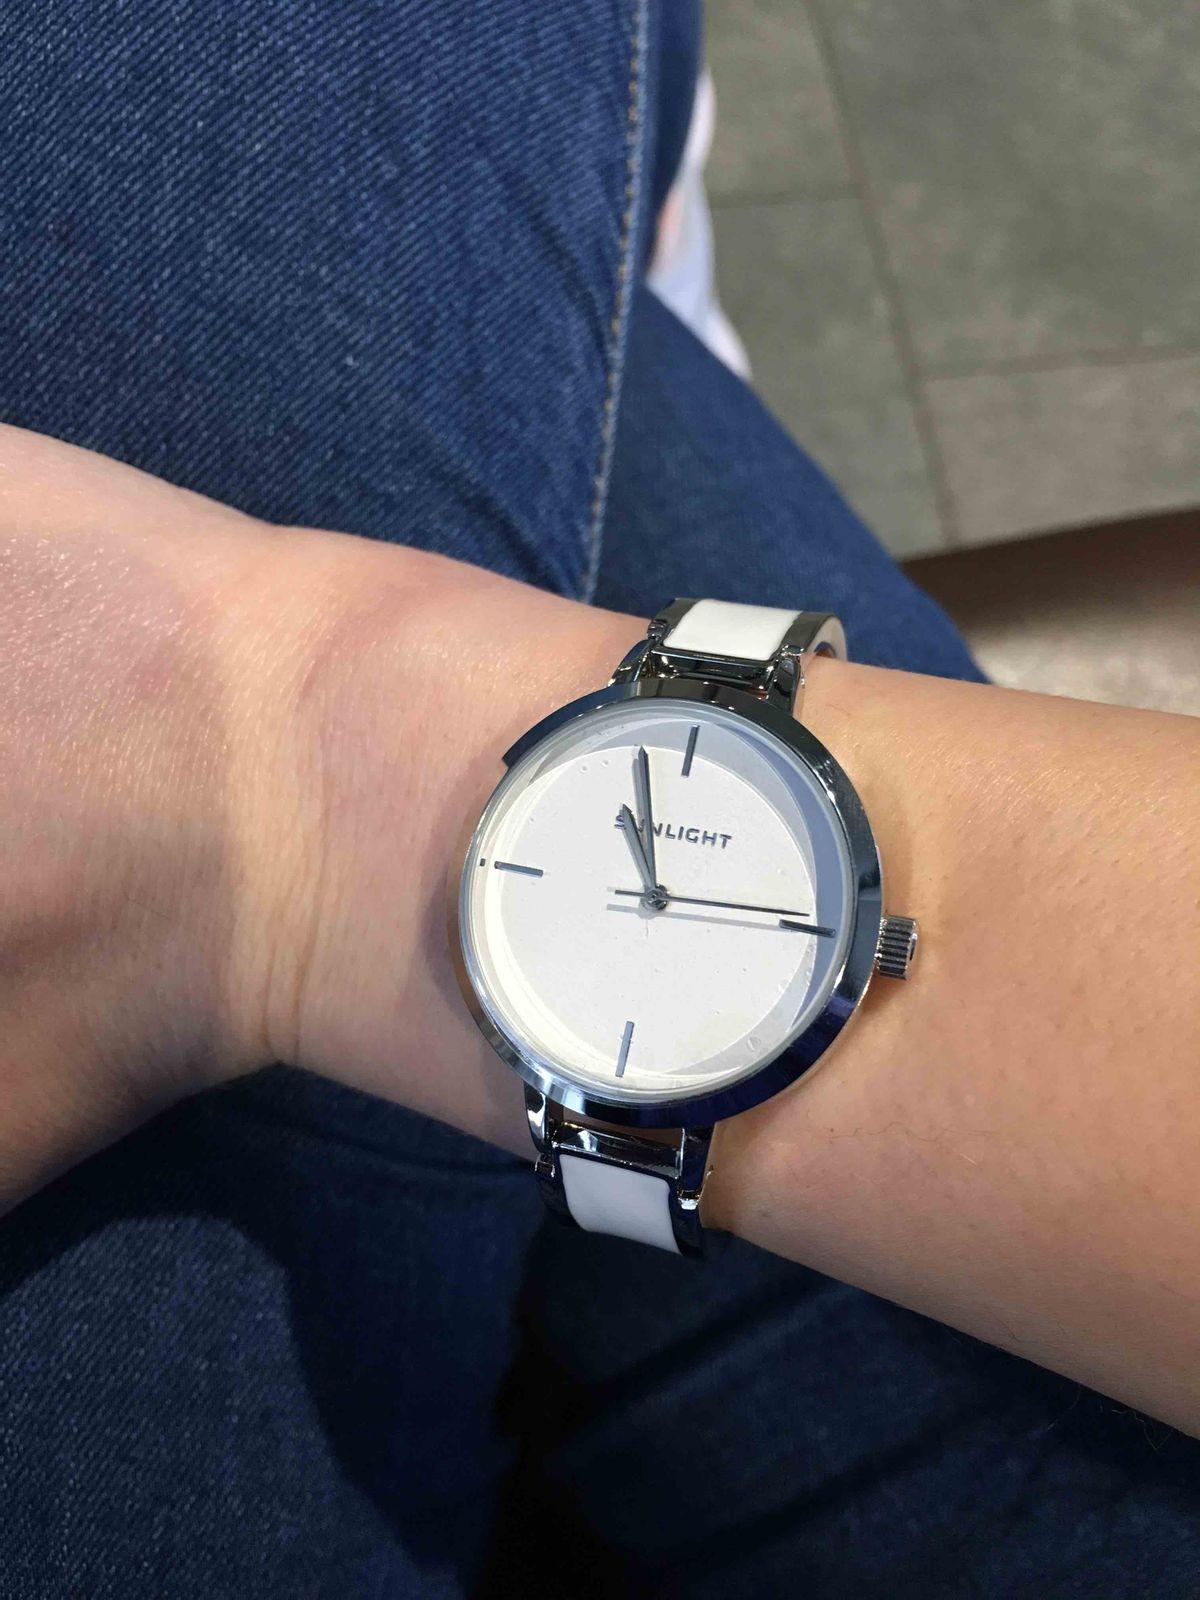 Отличные часы, которые подойдут к чему угодно